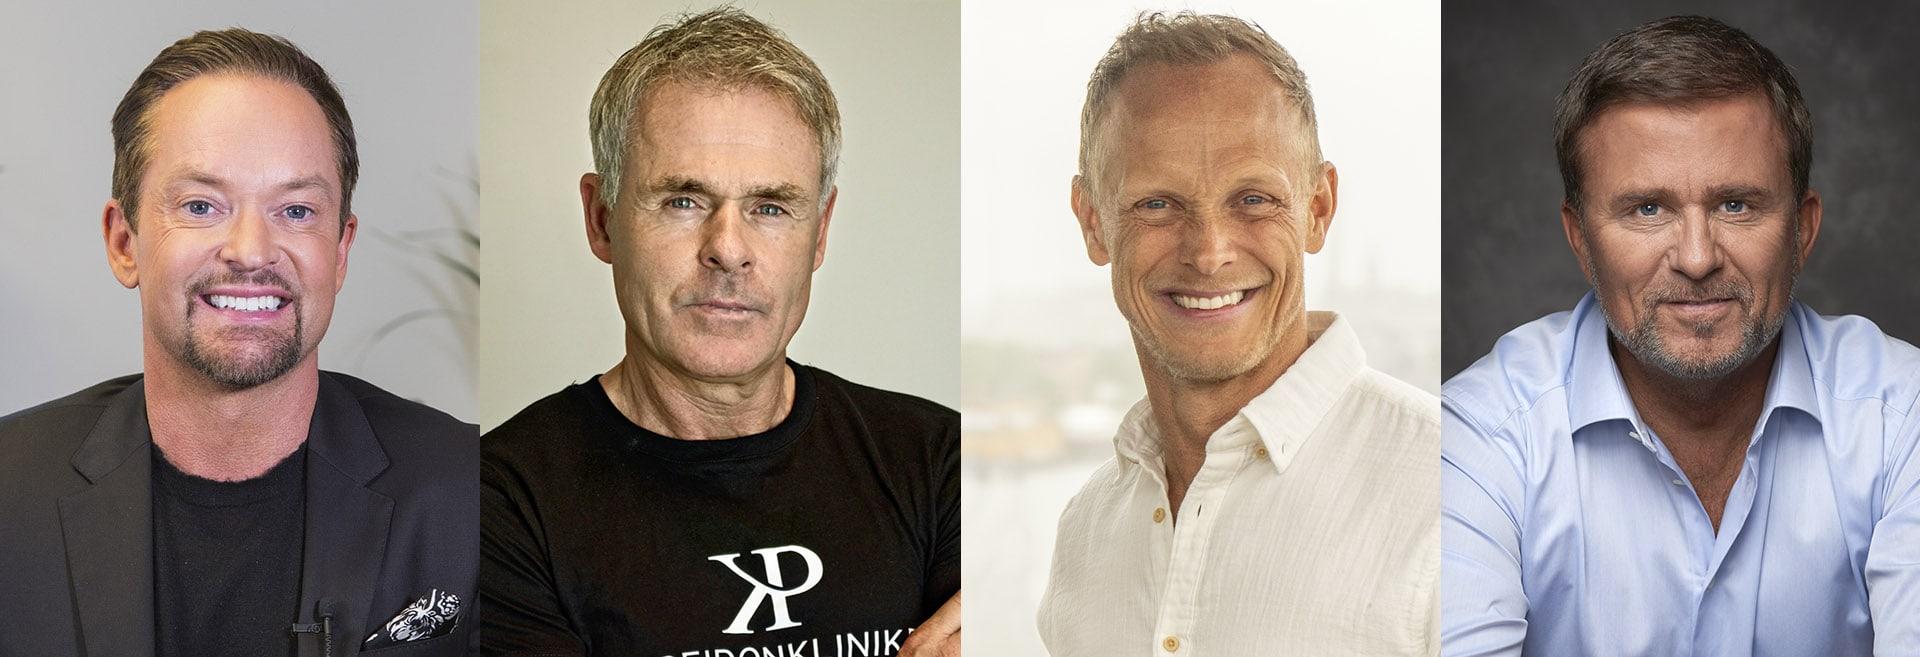 Kändisar som Andreas Carlsson, Anders Limpar, Tobias Karlsson och Jan Johansen Andreas Carlsson har gjort sin hårtransplantation på Poseidonkliniken i Stockholm